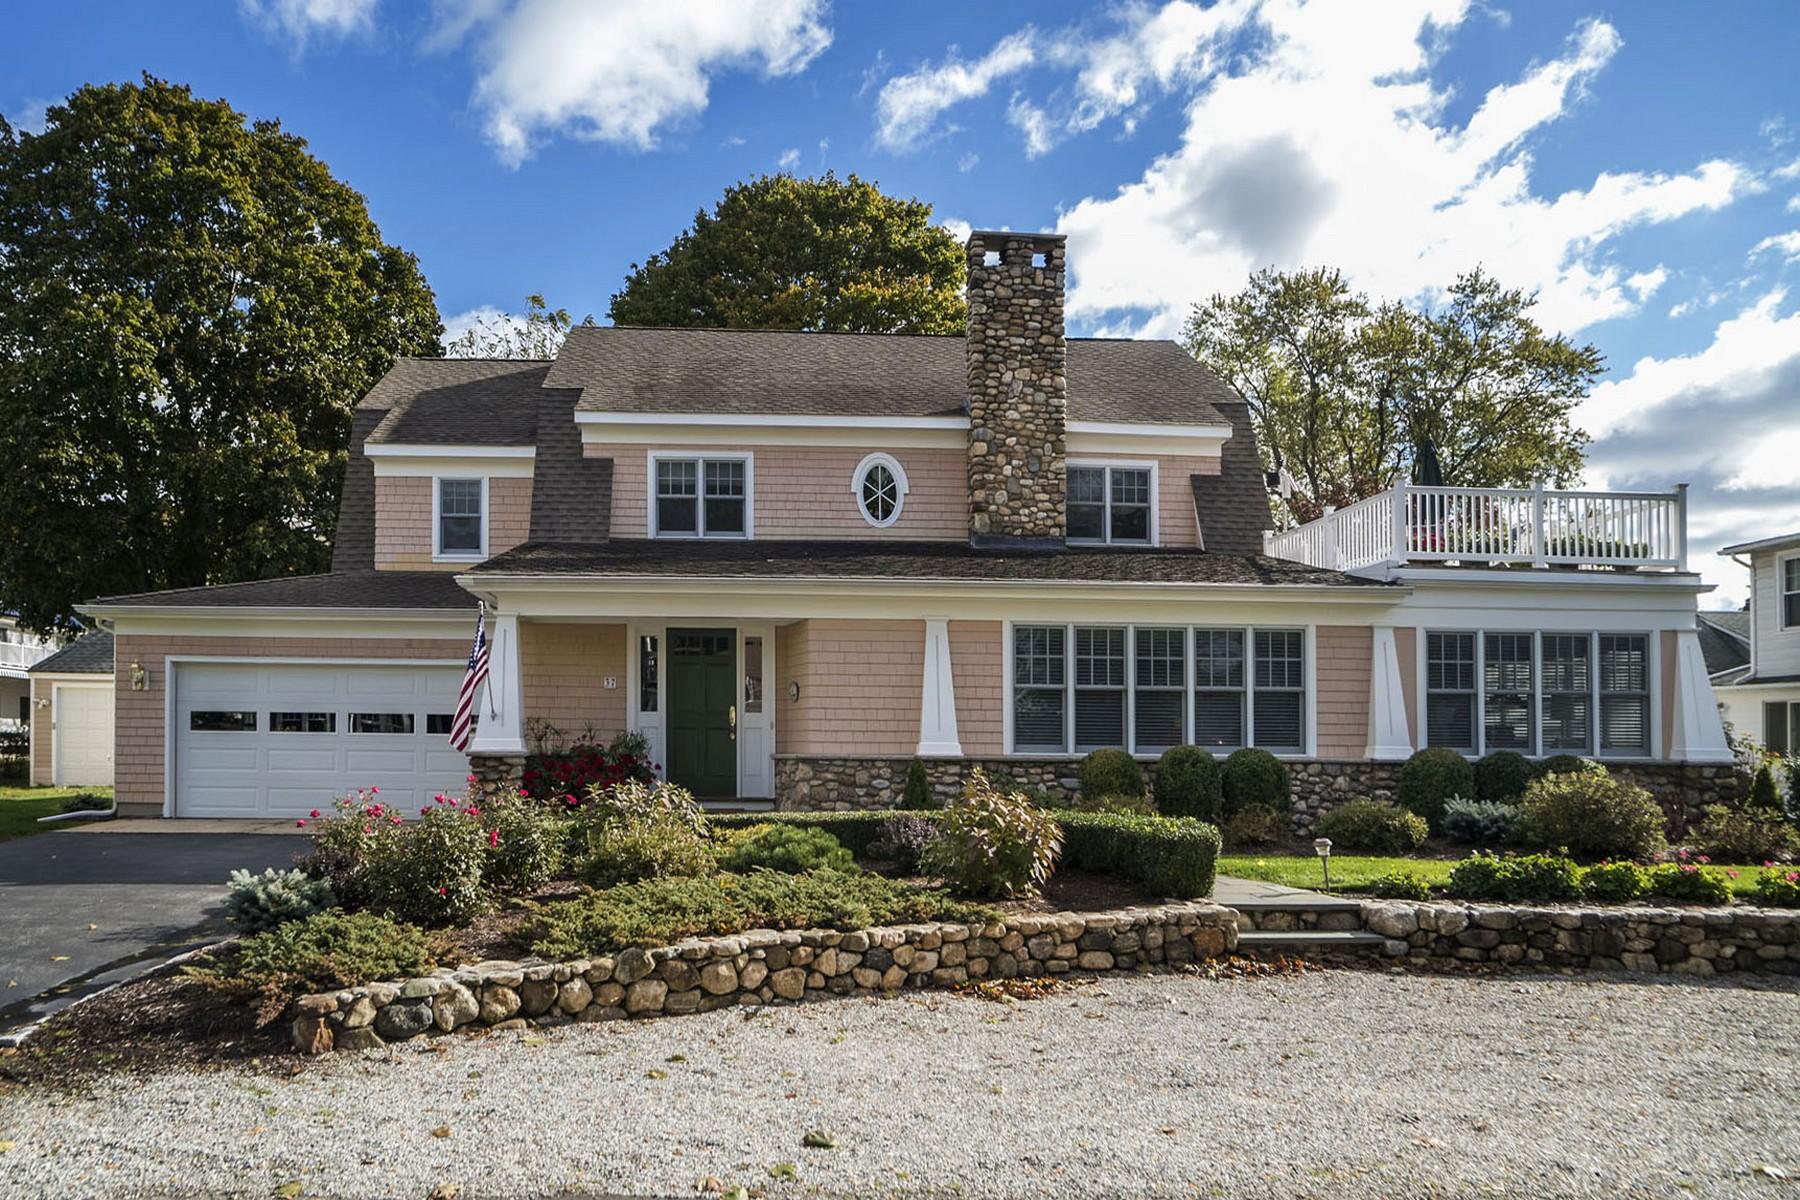 Villa per Vendita alle ore 37 Woodlawn Avenue Madison, Connecticut, 06443 Stati Uniti